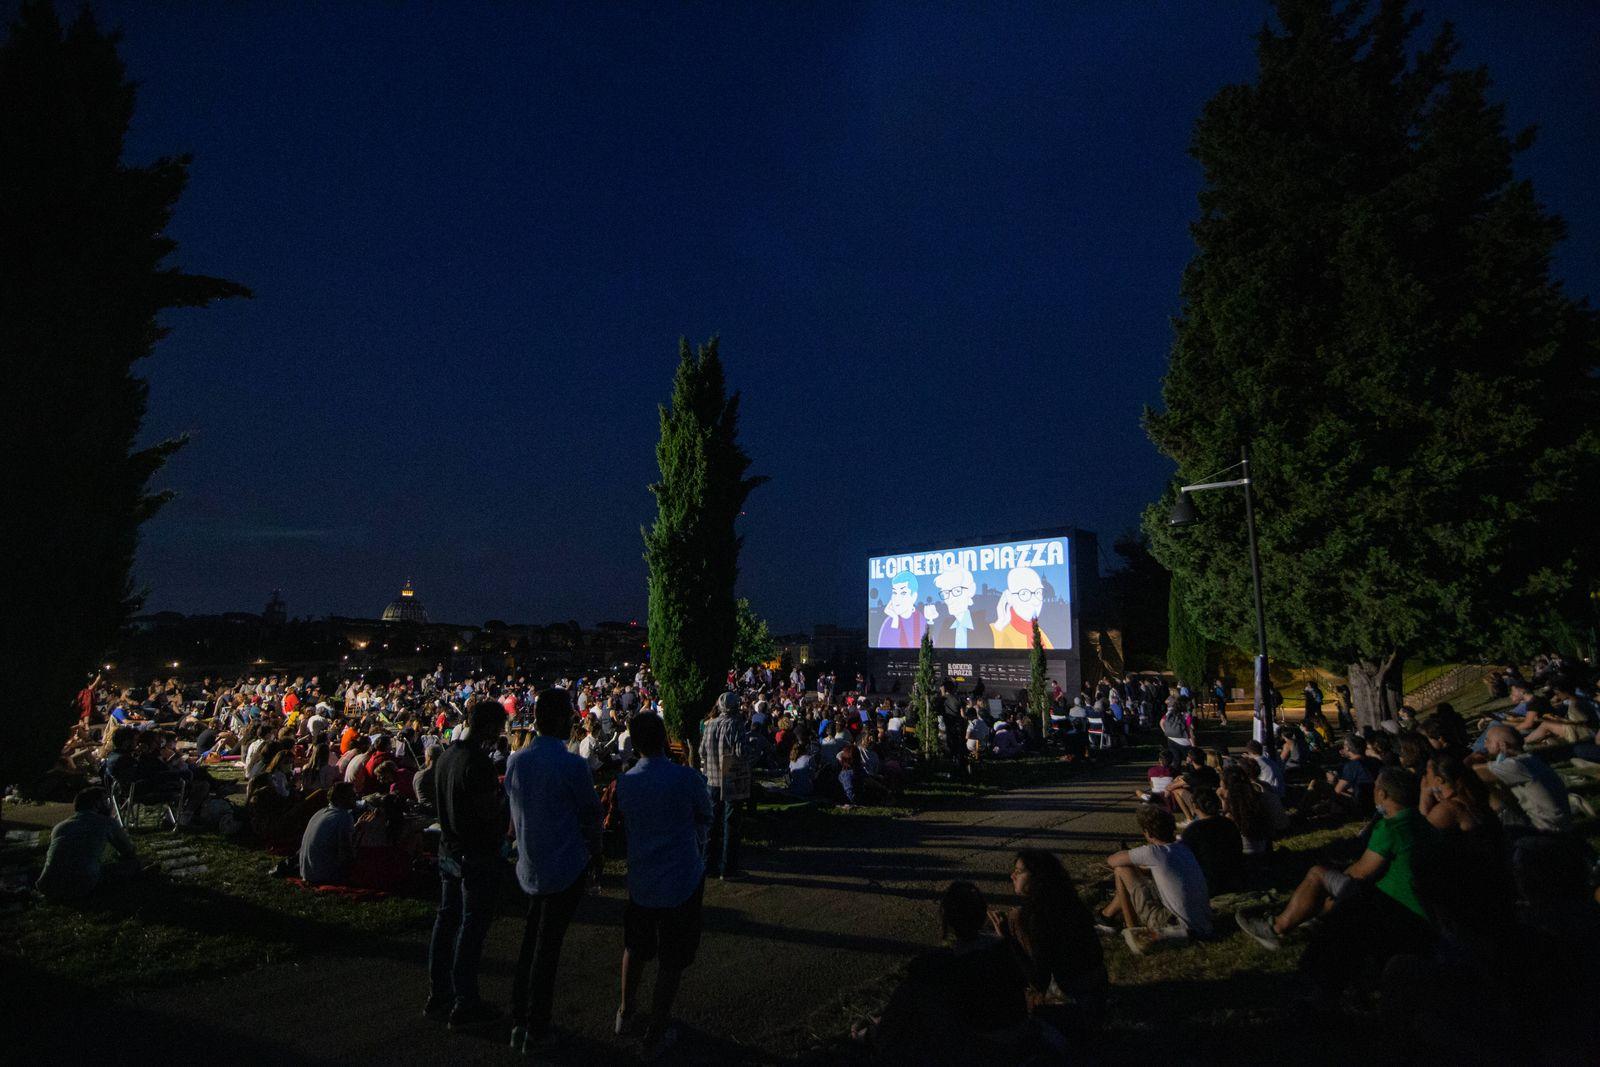 Italy: Carlo Verdone inaugurates Monte Ciocci cinema arena in Rome View of new cinema arena on Monte Ciocci in Rome Rome